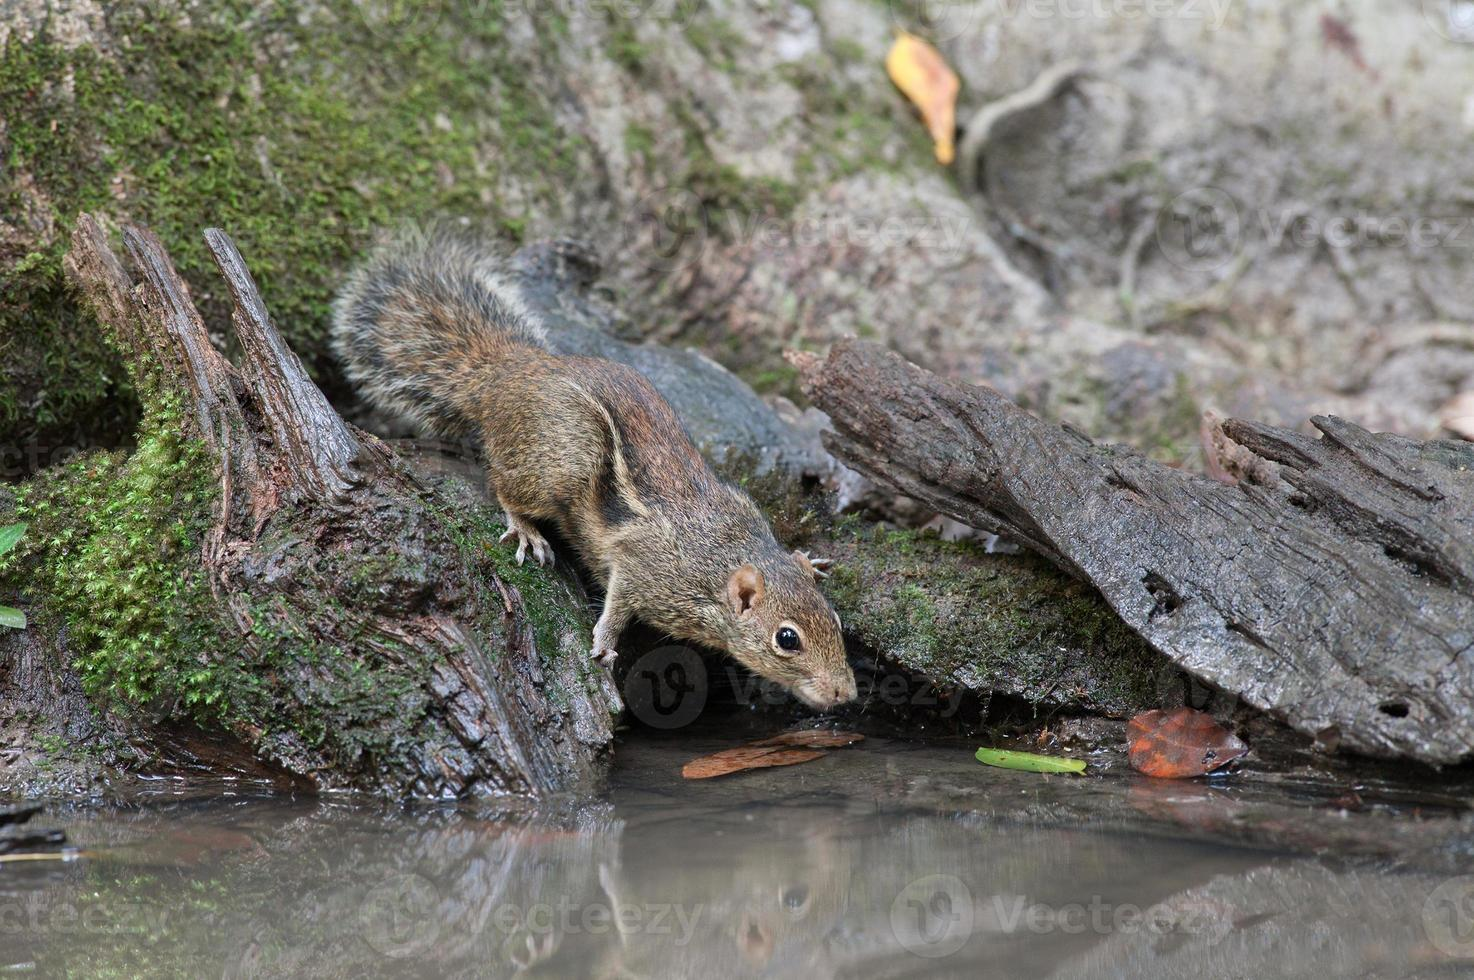 Indochinese ground squirrel photo